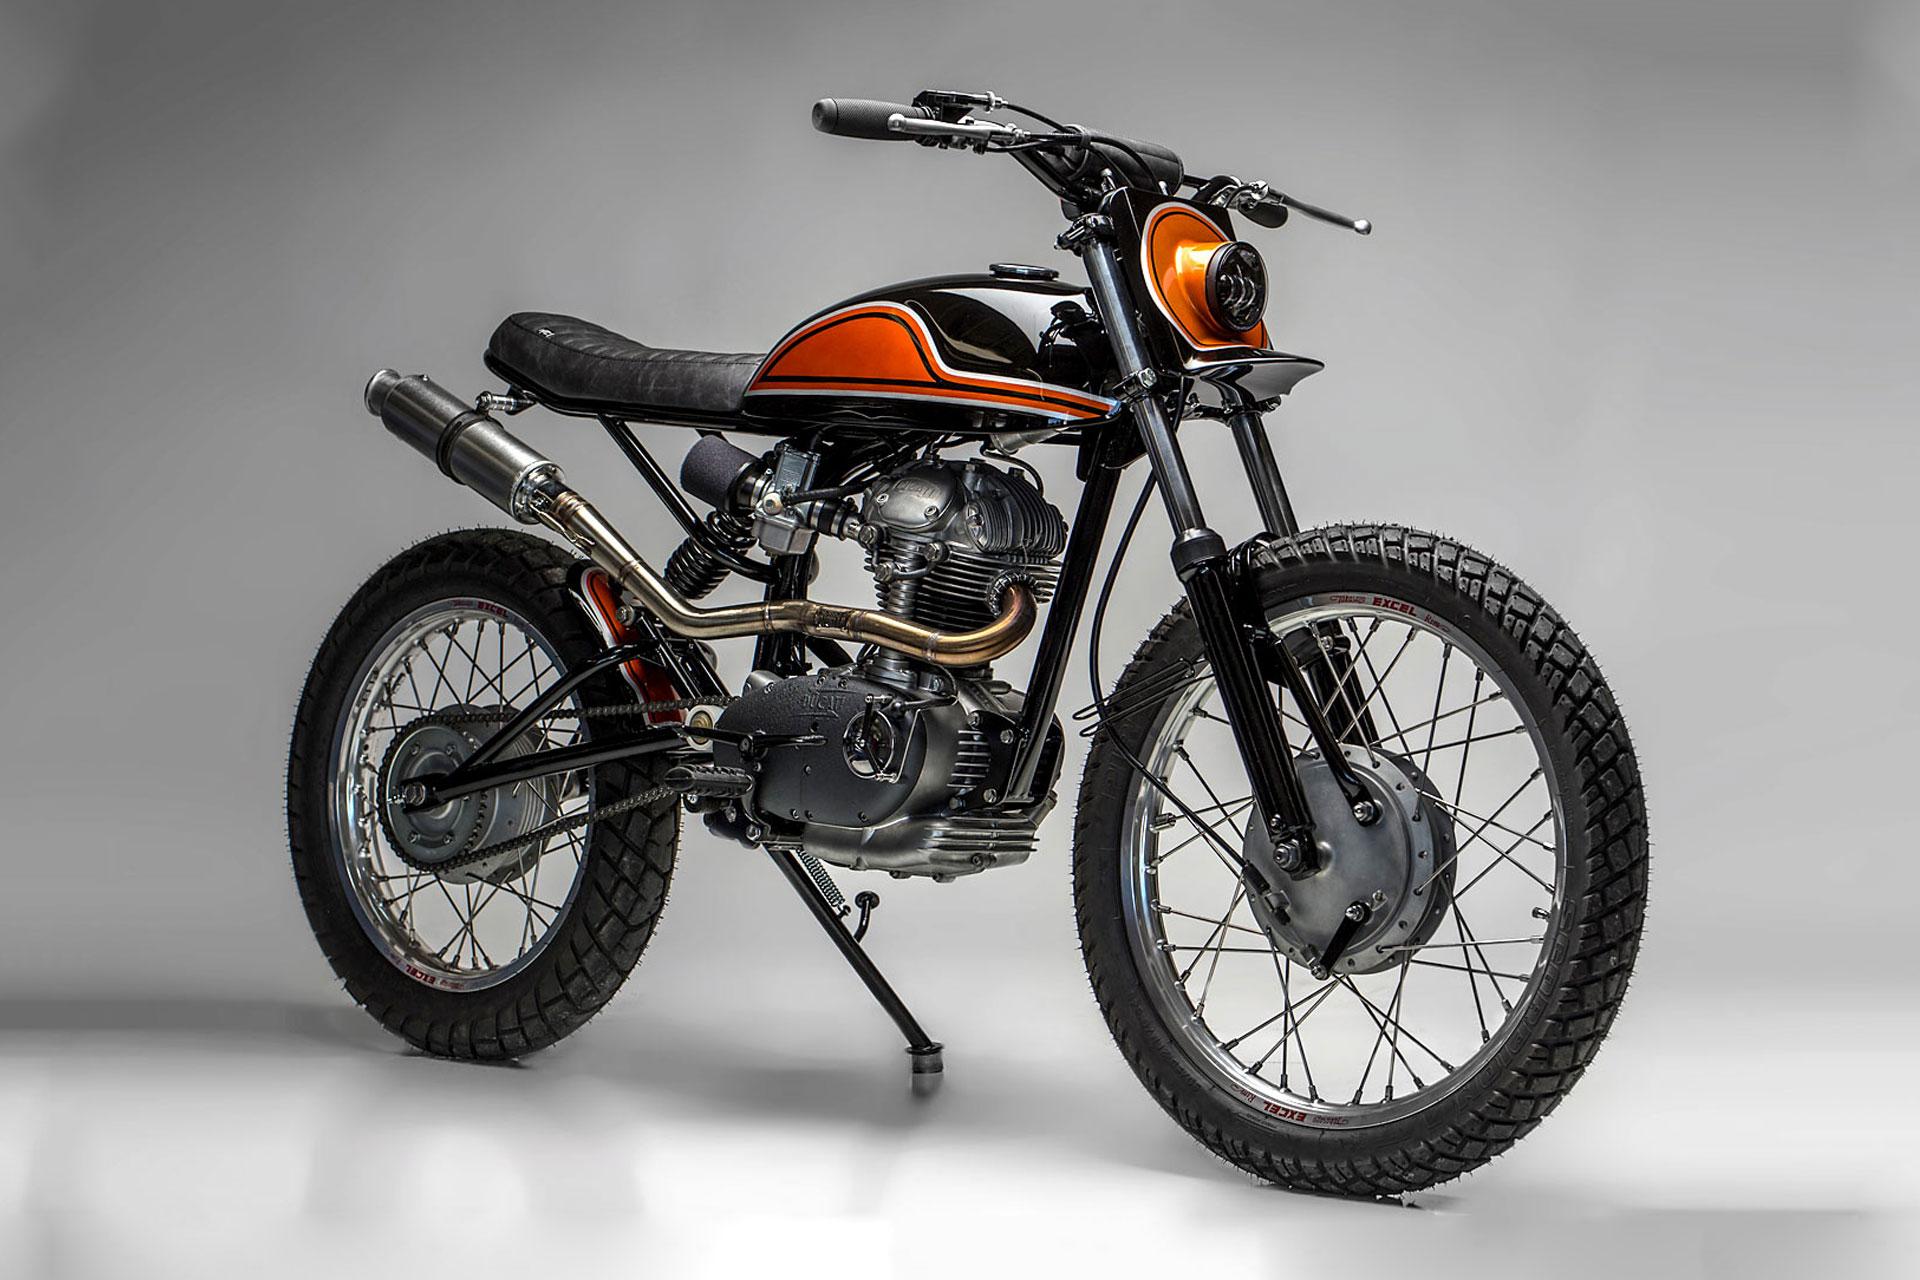 MotoRelic Dastardly Ducati Motorcycle